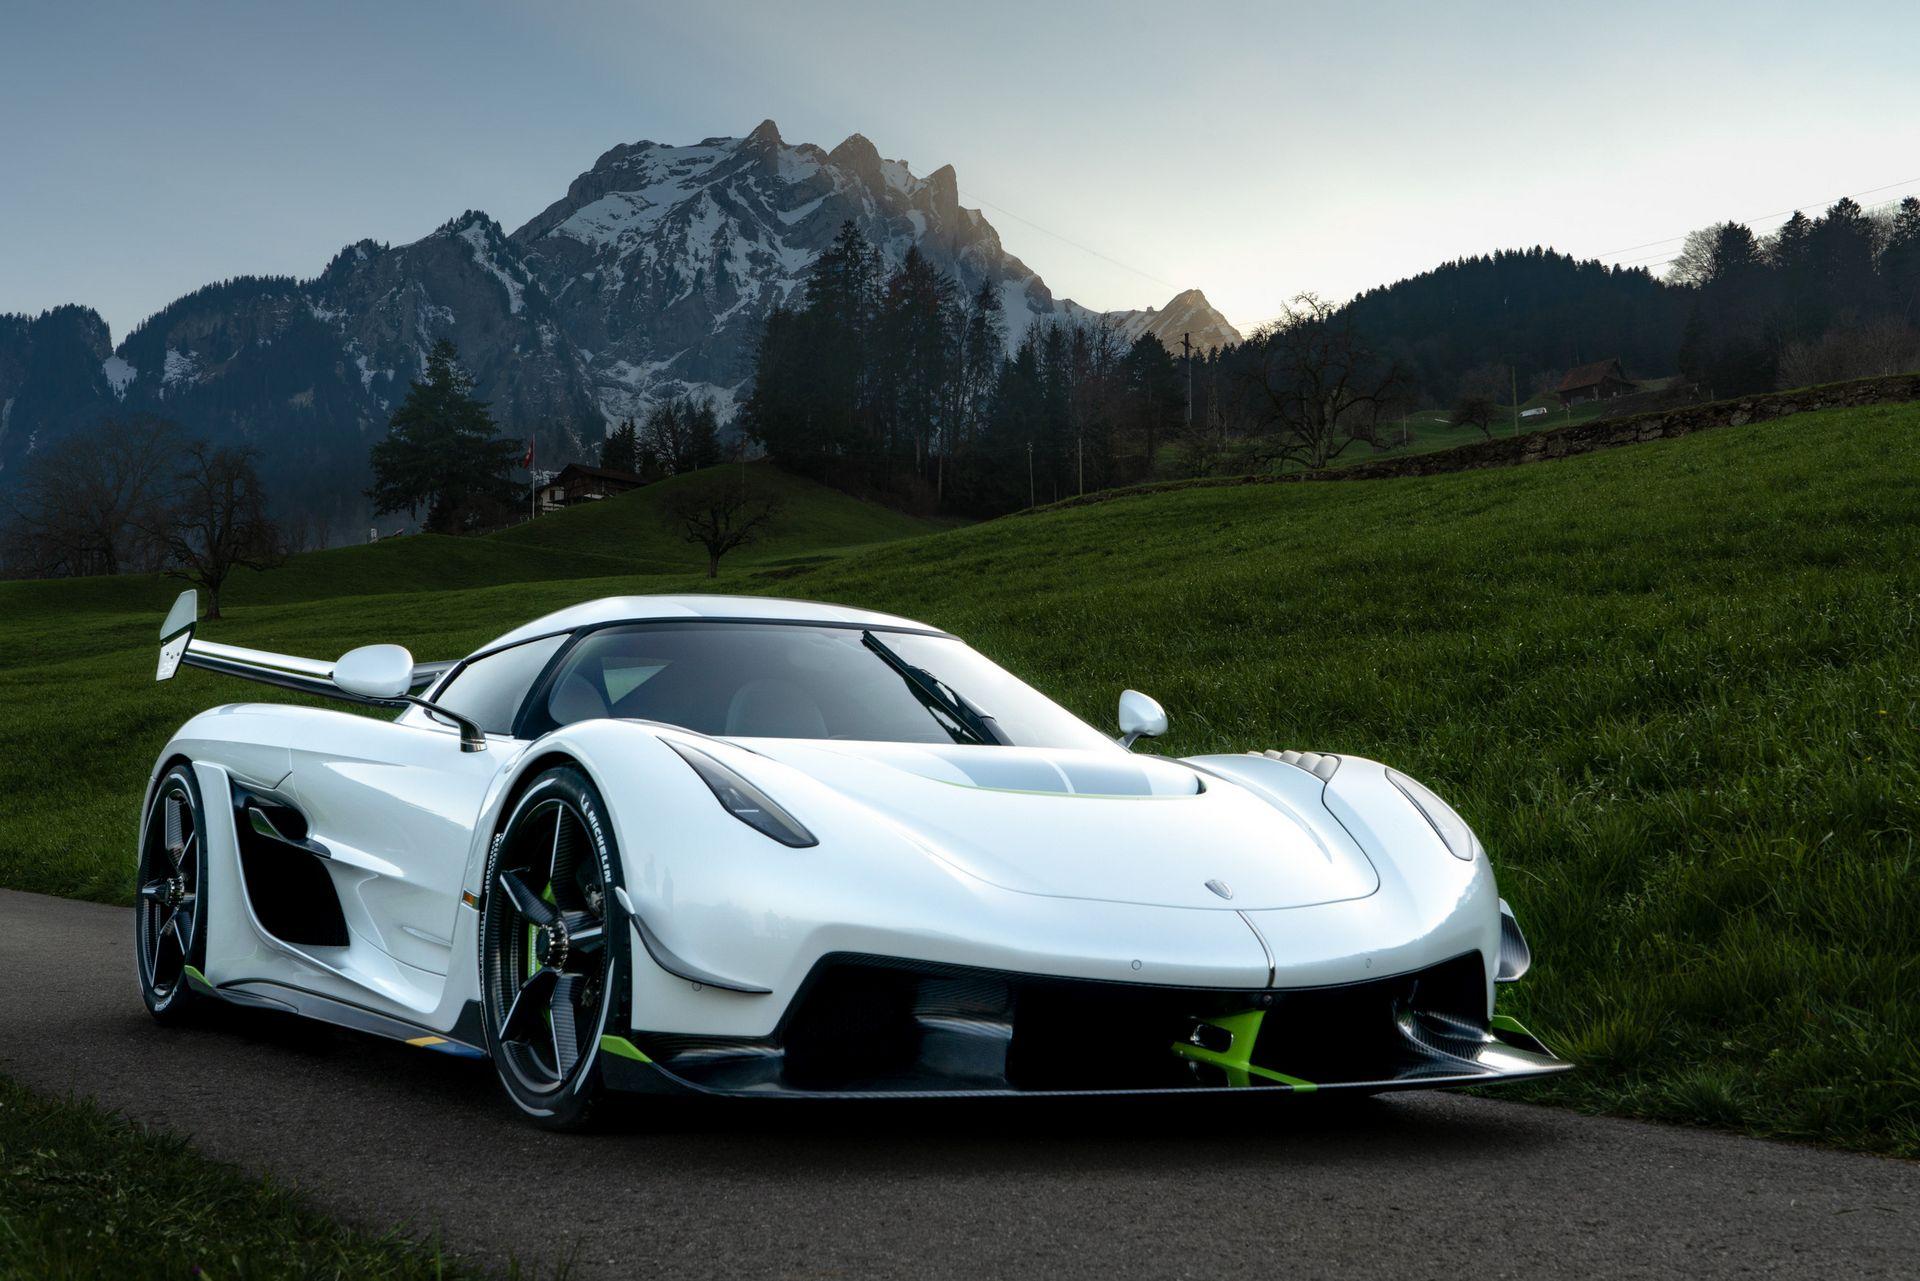 На грядущем мотор-шоу в Женеве Koenigsegg представит новый прототип с именем Mission 500. Судя по названию, гиперкару поставят задачу развить максимальную скорость более 500 км/ч.